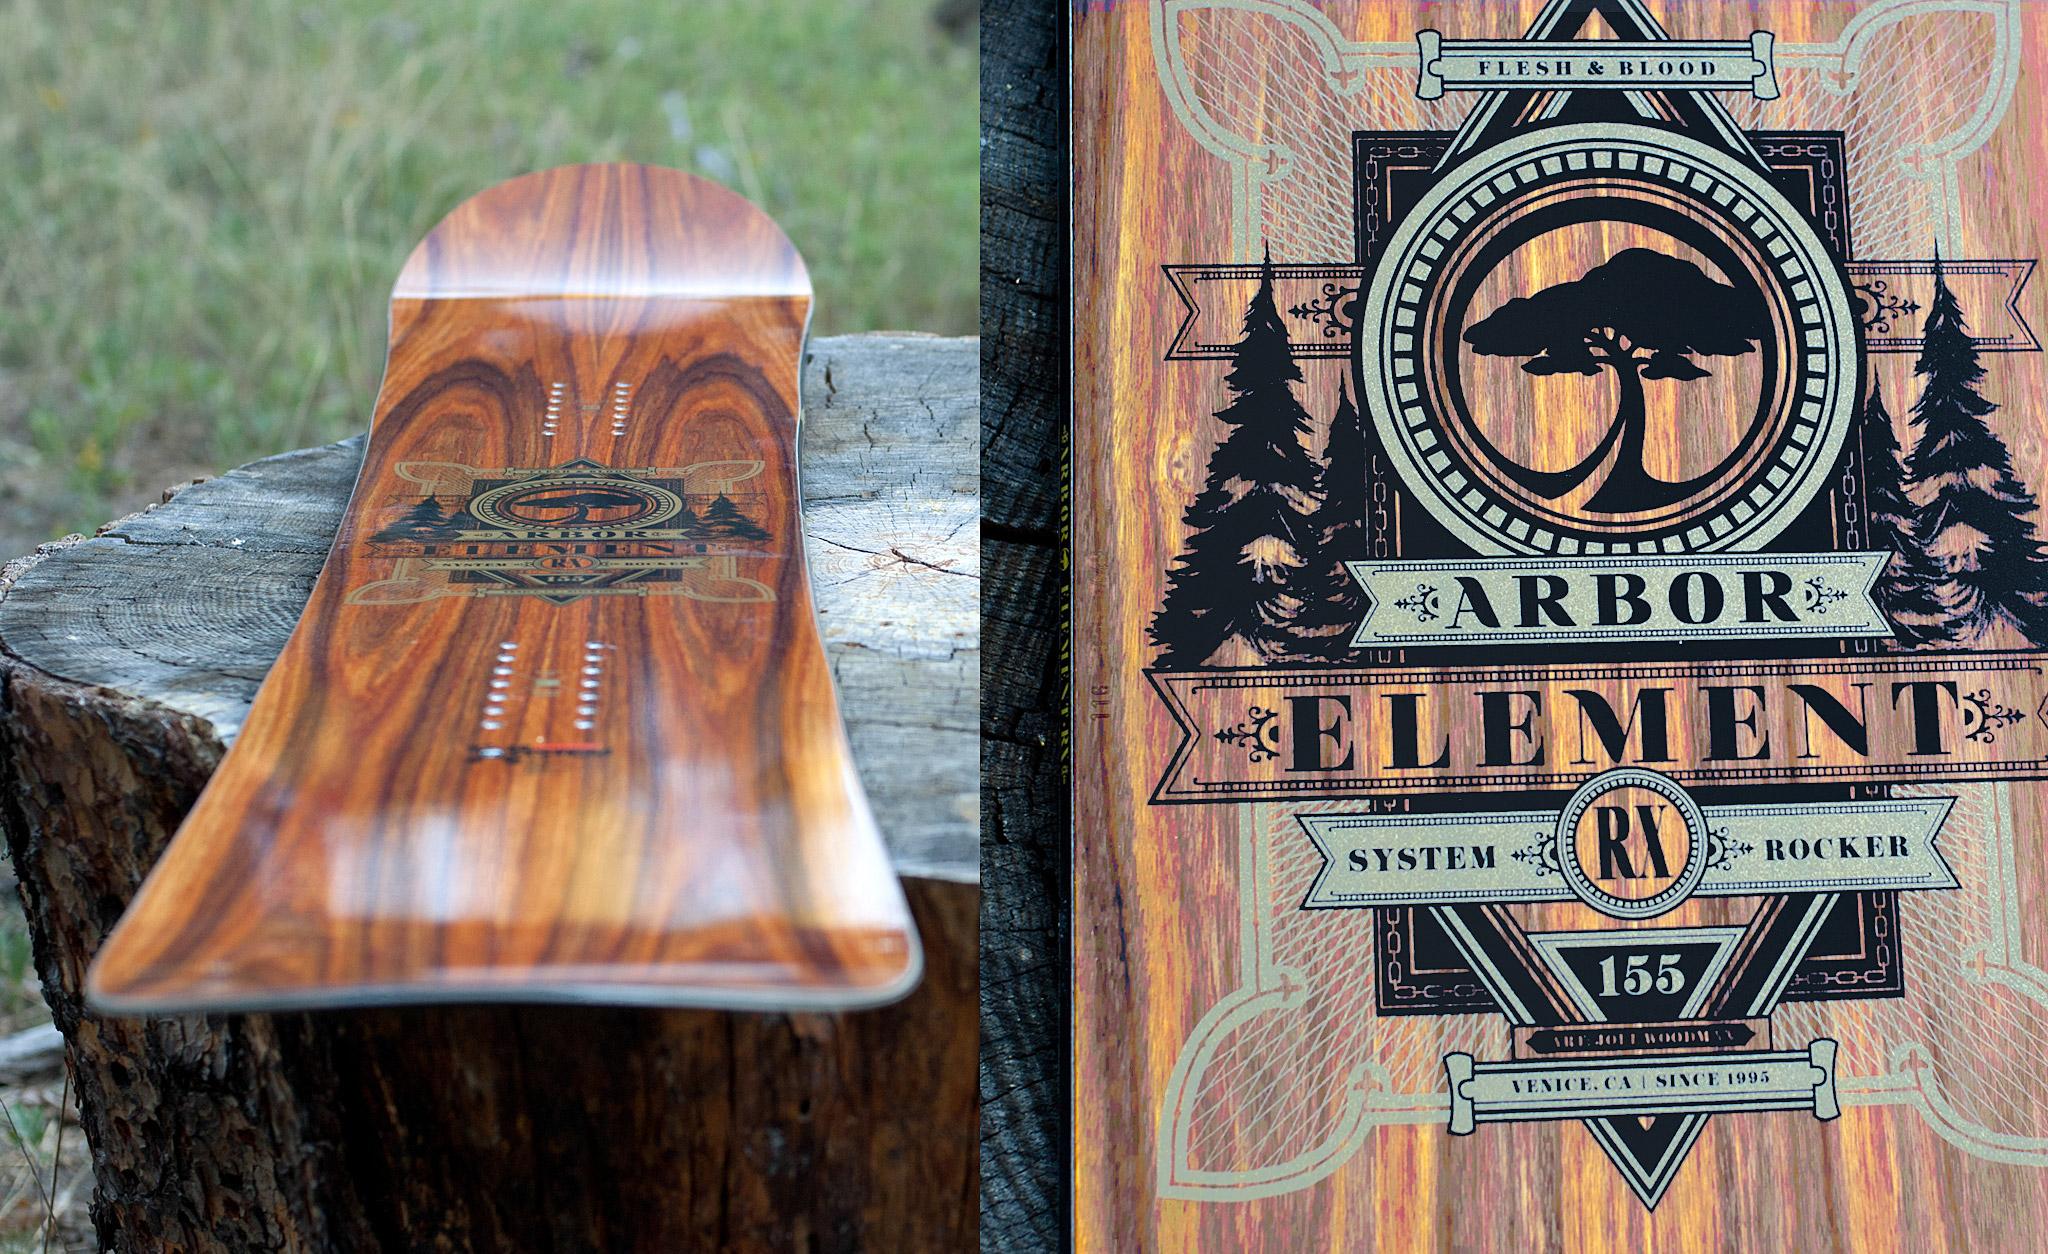 Arbor: Element RX